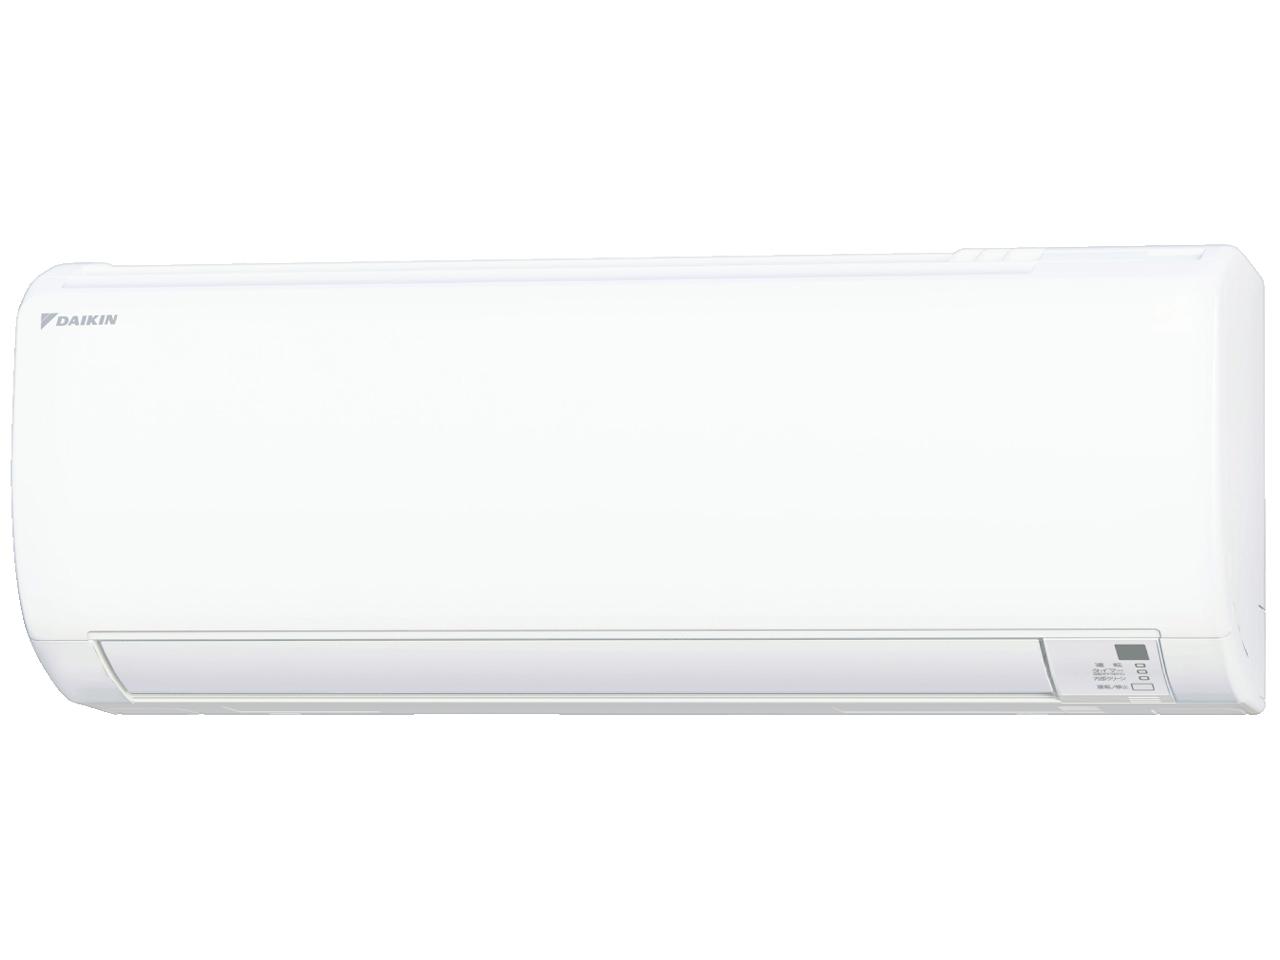 ダイキン 19年モデル Eシリーズ S36WTEV-W 【200V用 電源直結型】12畳用冷暖房除湿エアコン